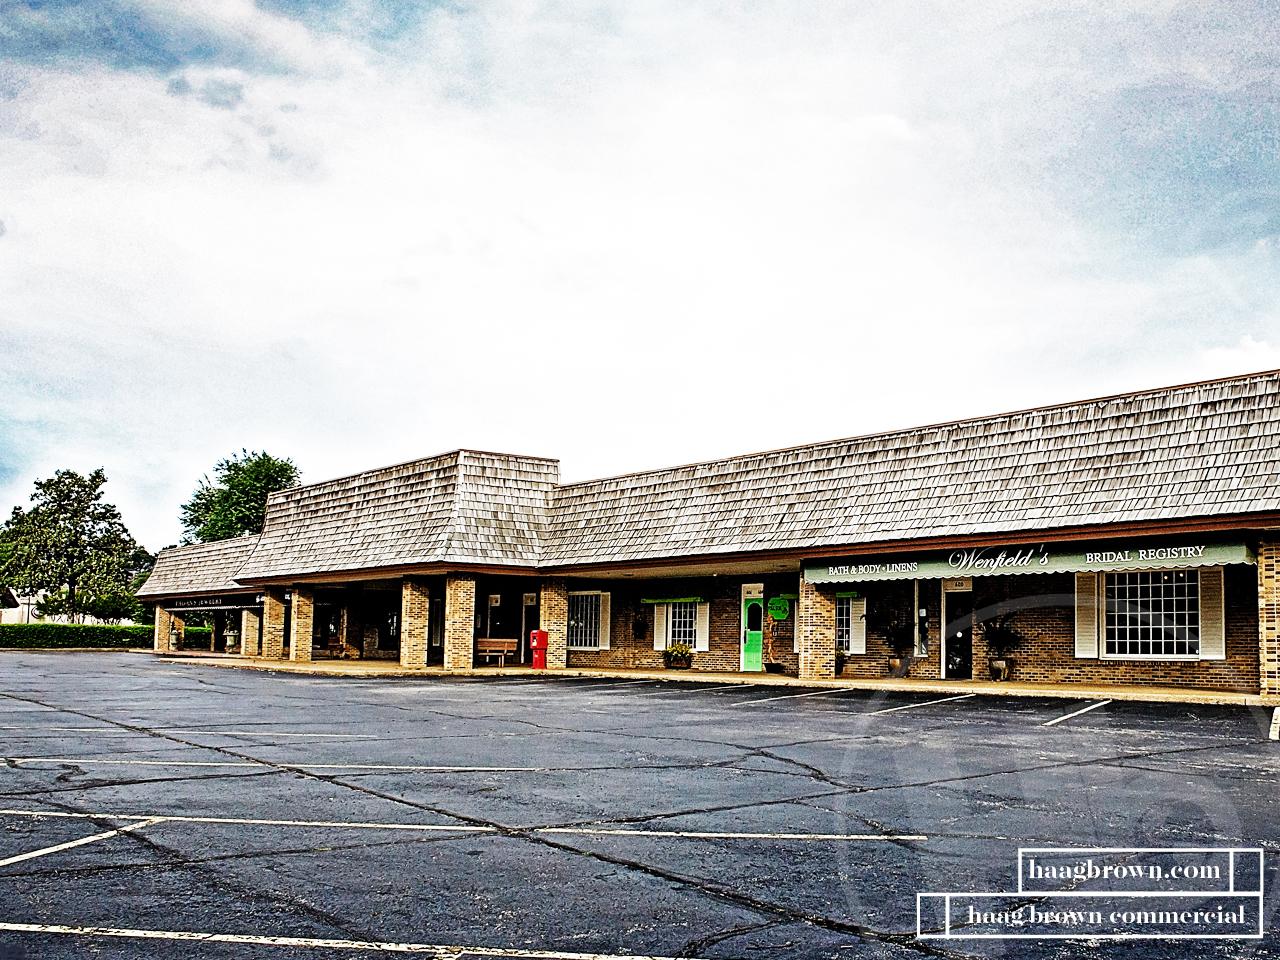 Birchwood Square in Jonesboro, AR